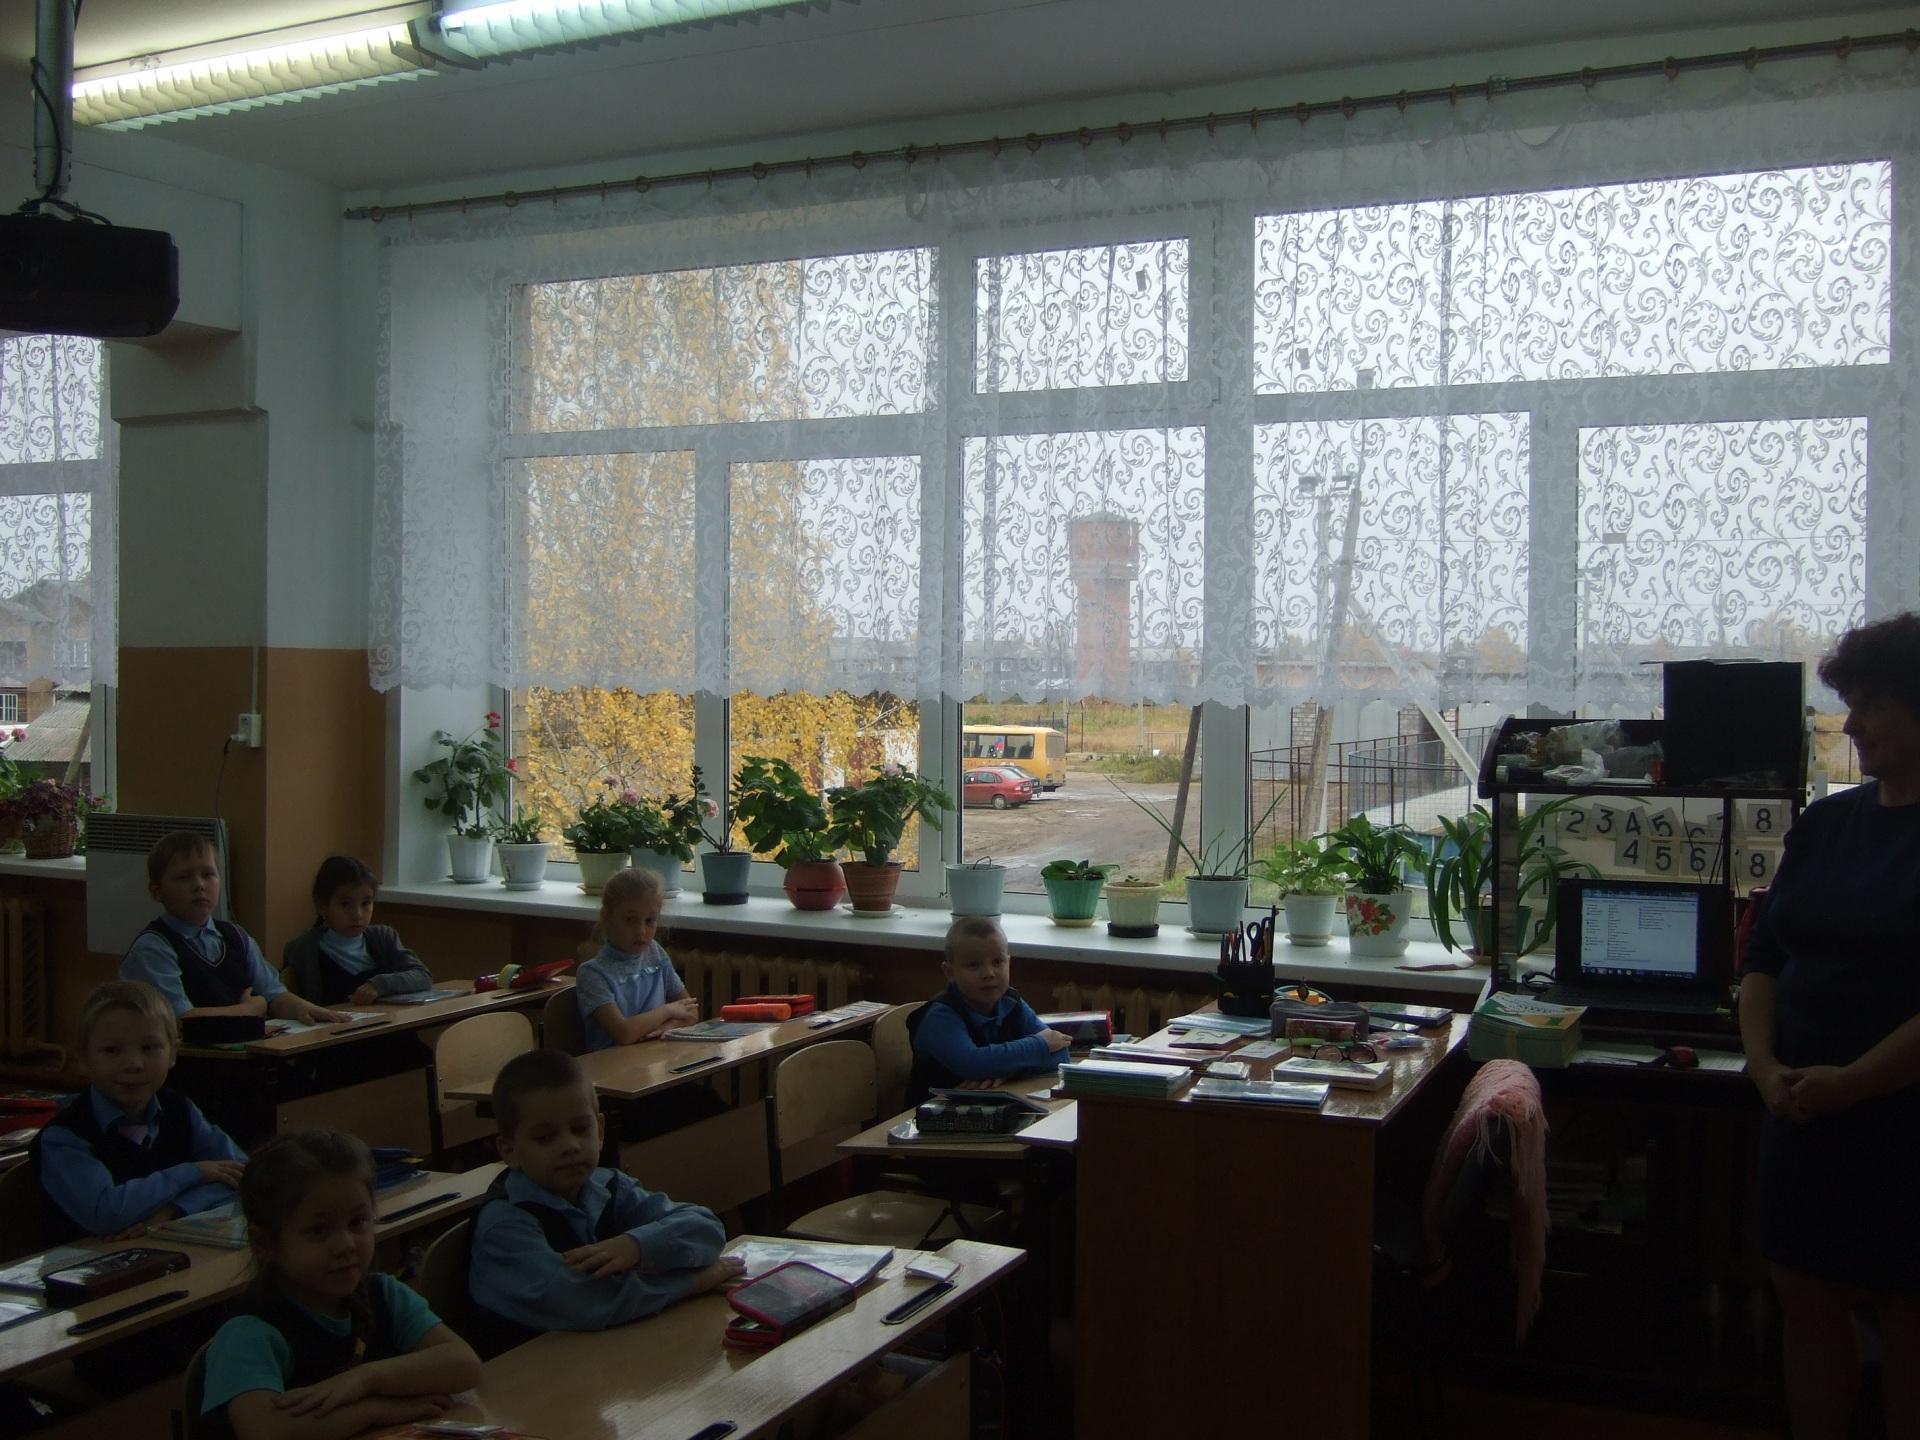 okno-v-schkole-2.JPG